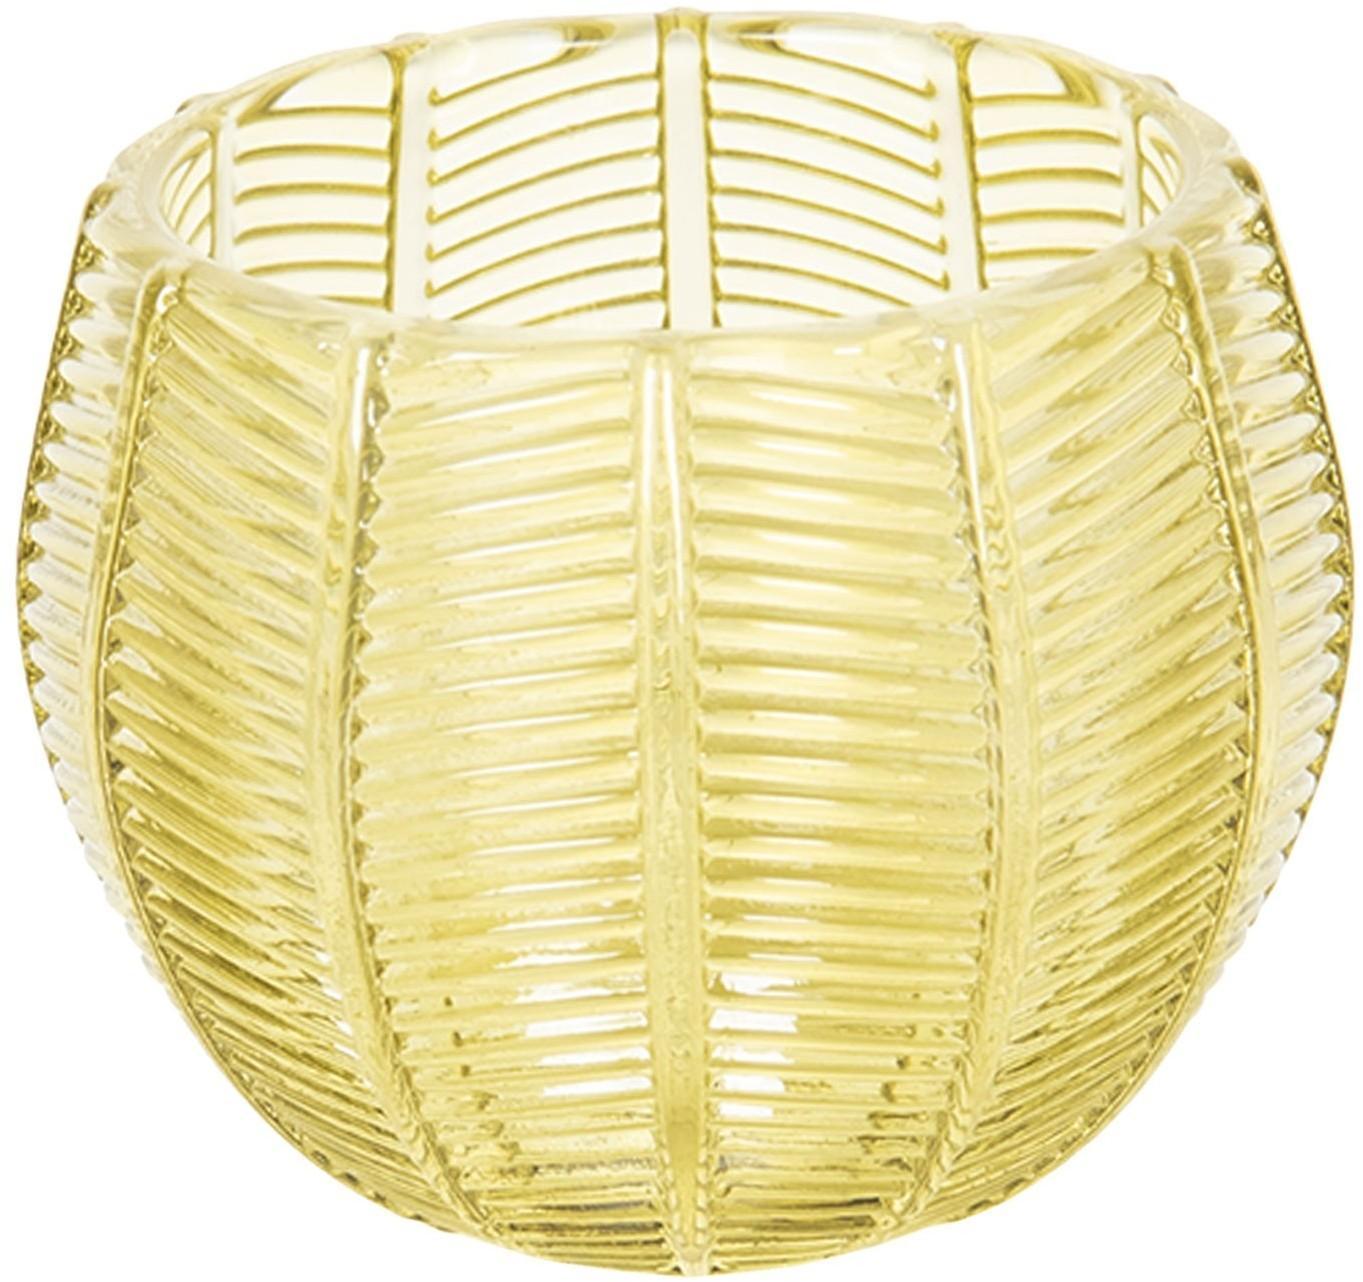 Žltý sklenený svietnik na čajové sviečky - ∅ 9 * 8 cm